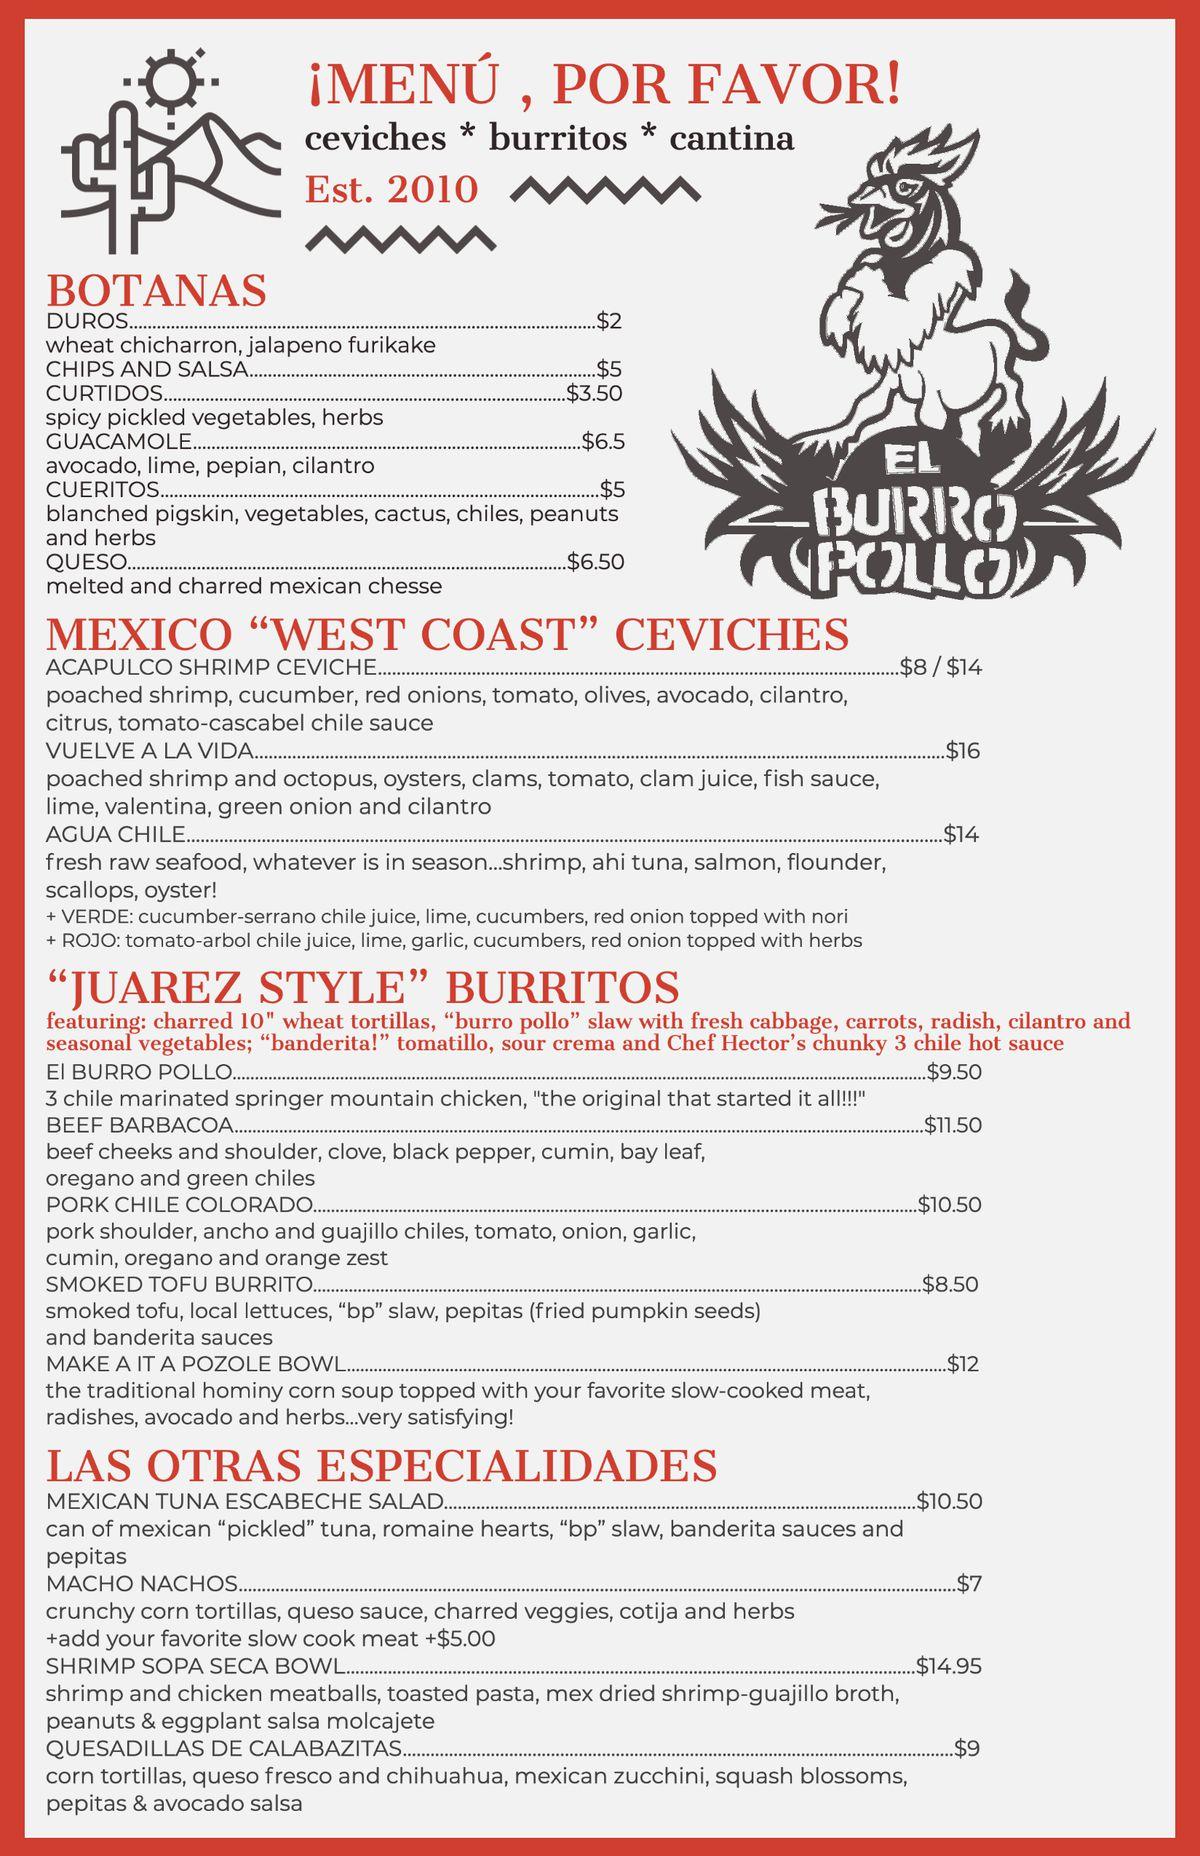 The menu for El Burro Pollo in Midtown Atlanta